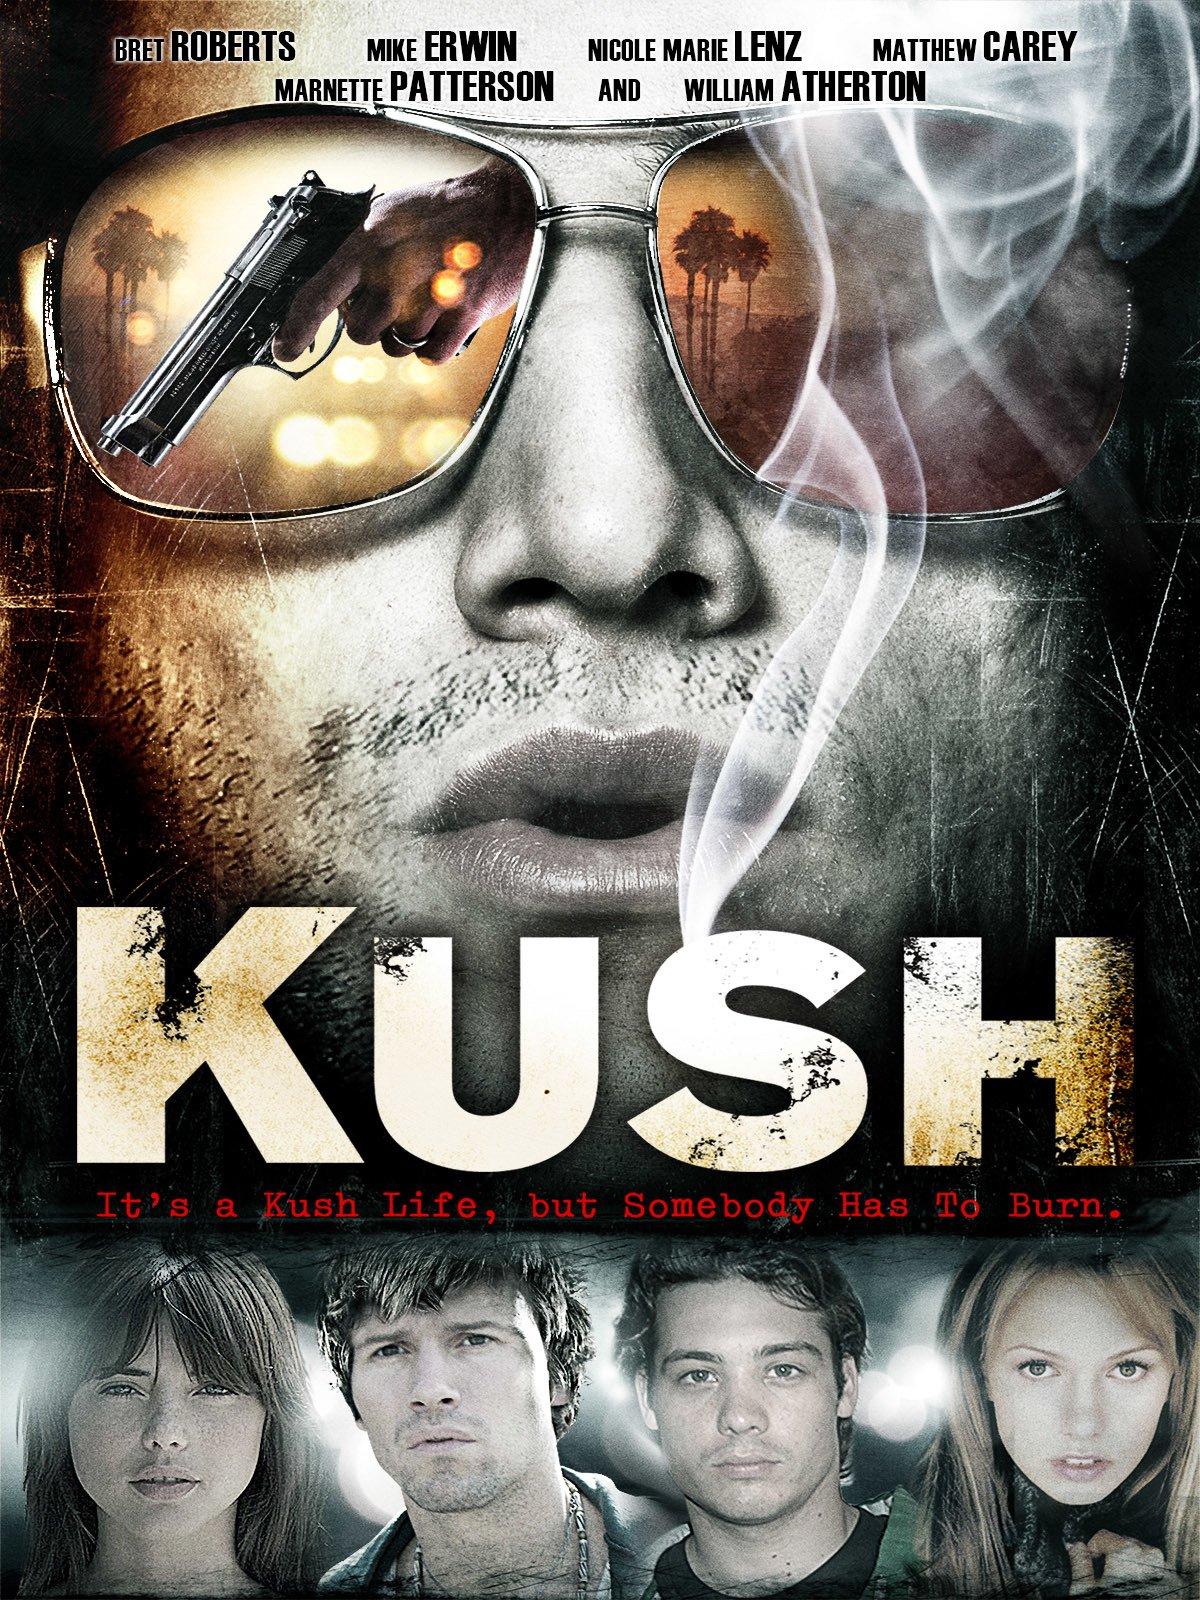 Buy Kush Now!